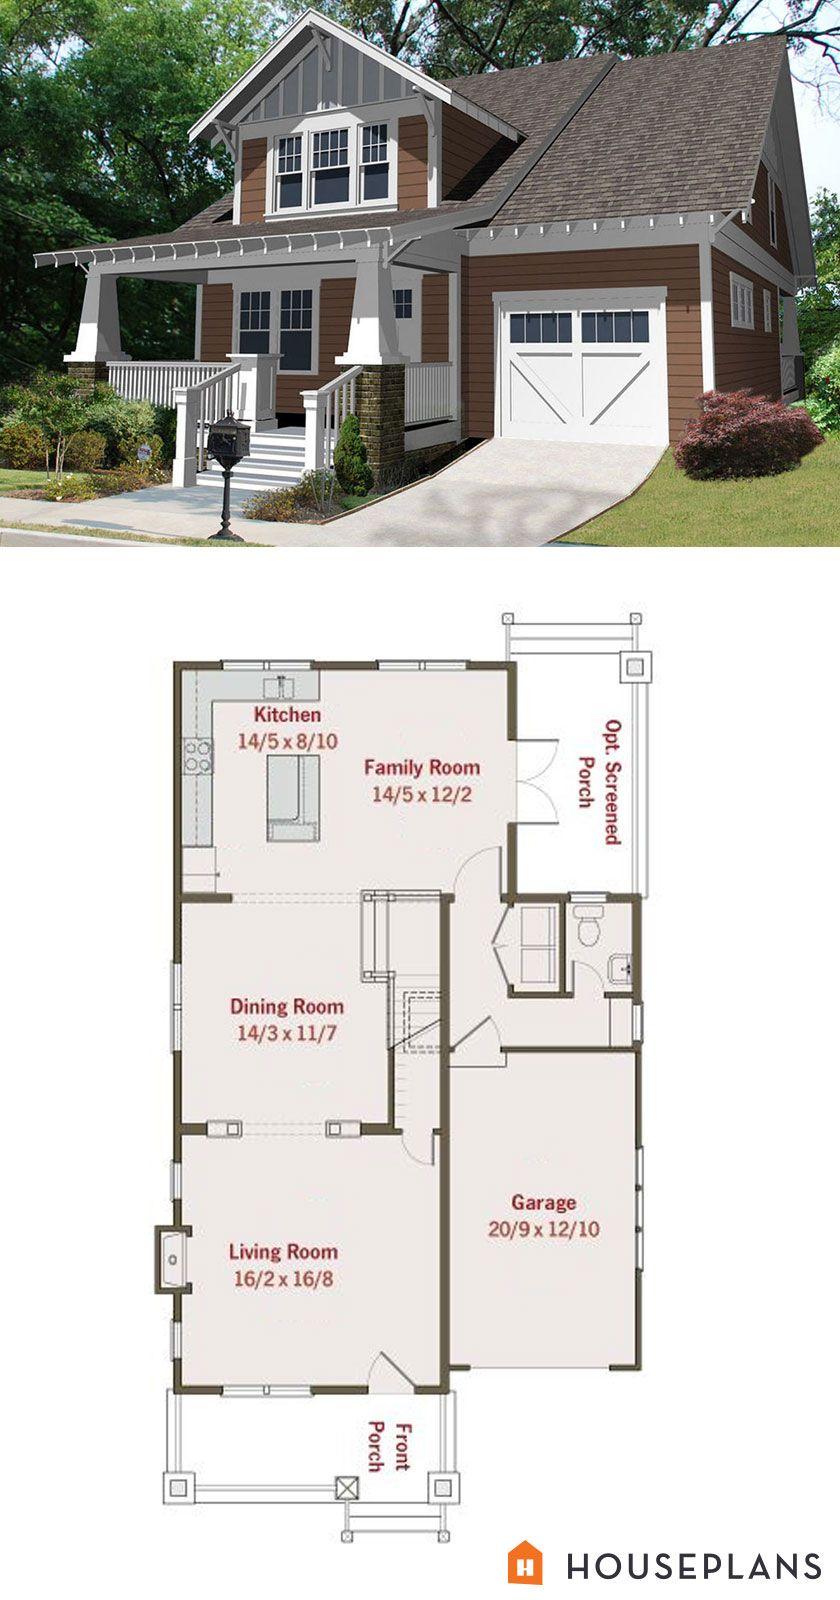 Craftsman bungalow plan 2000 sft 3 bedroom